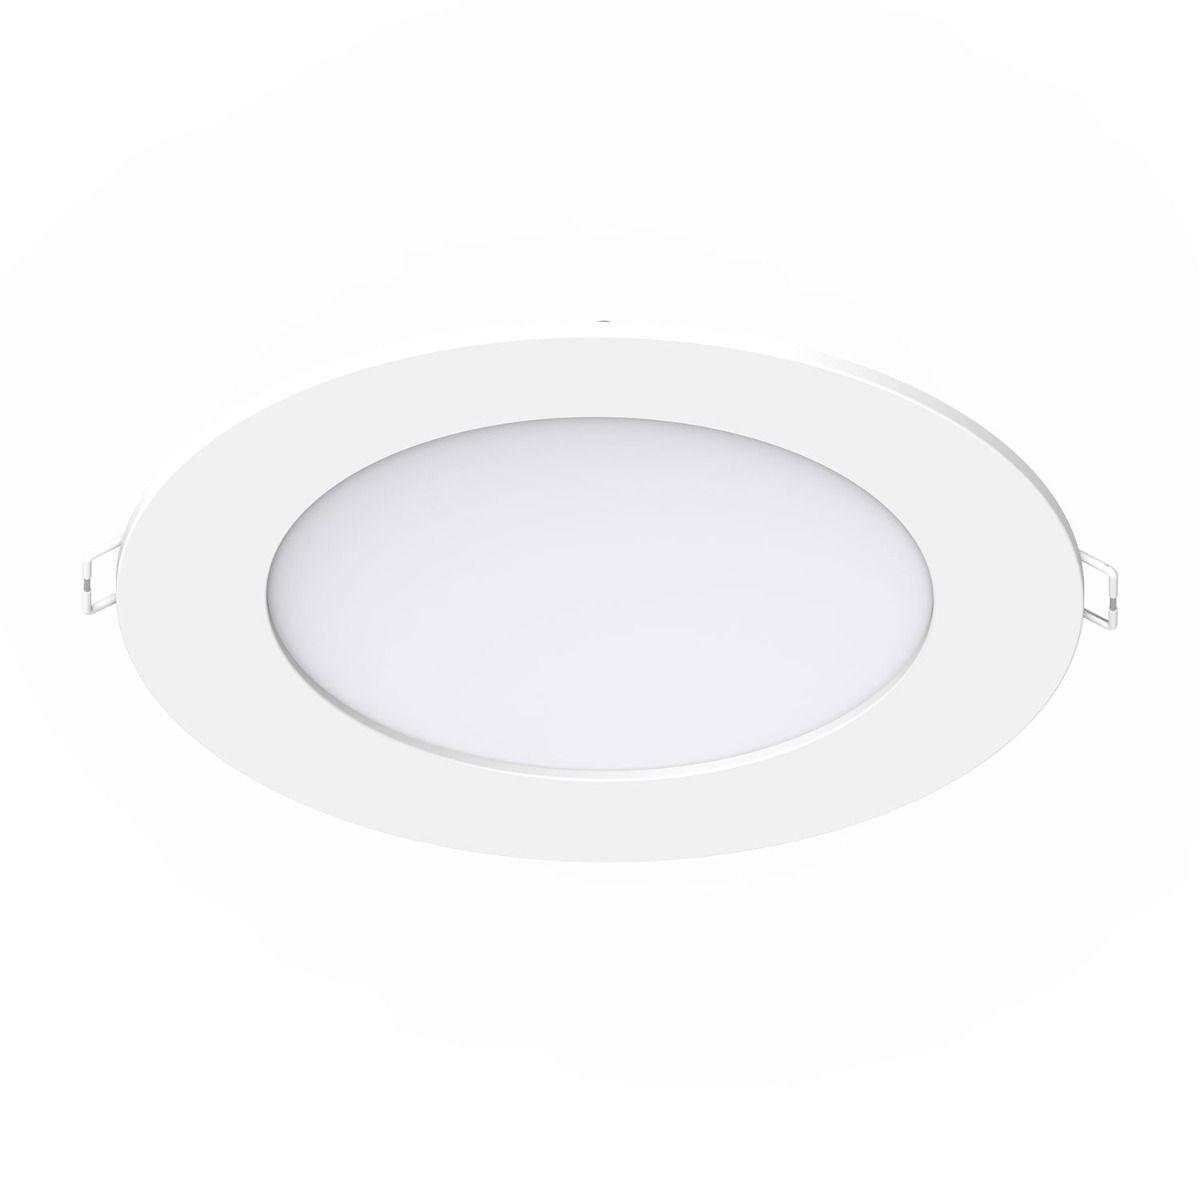 Noxion LEDDownlight SlimV2.0IP44 12W 3000K Cutout Ø150mm w/ DALI